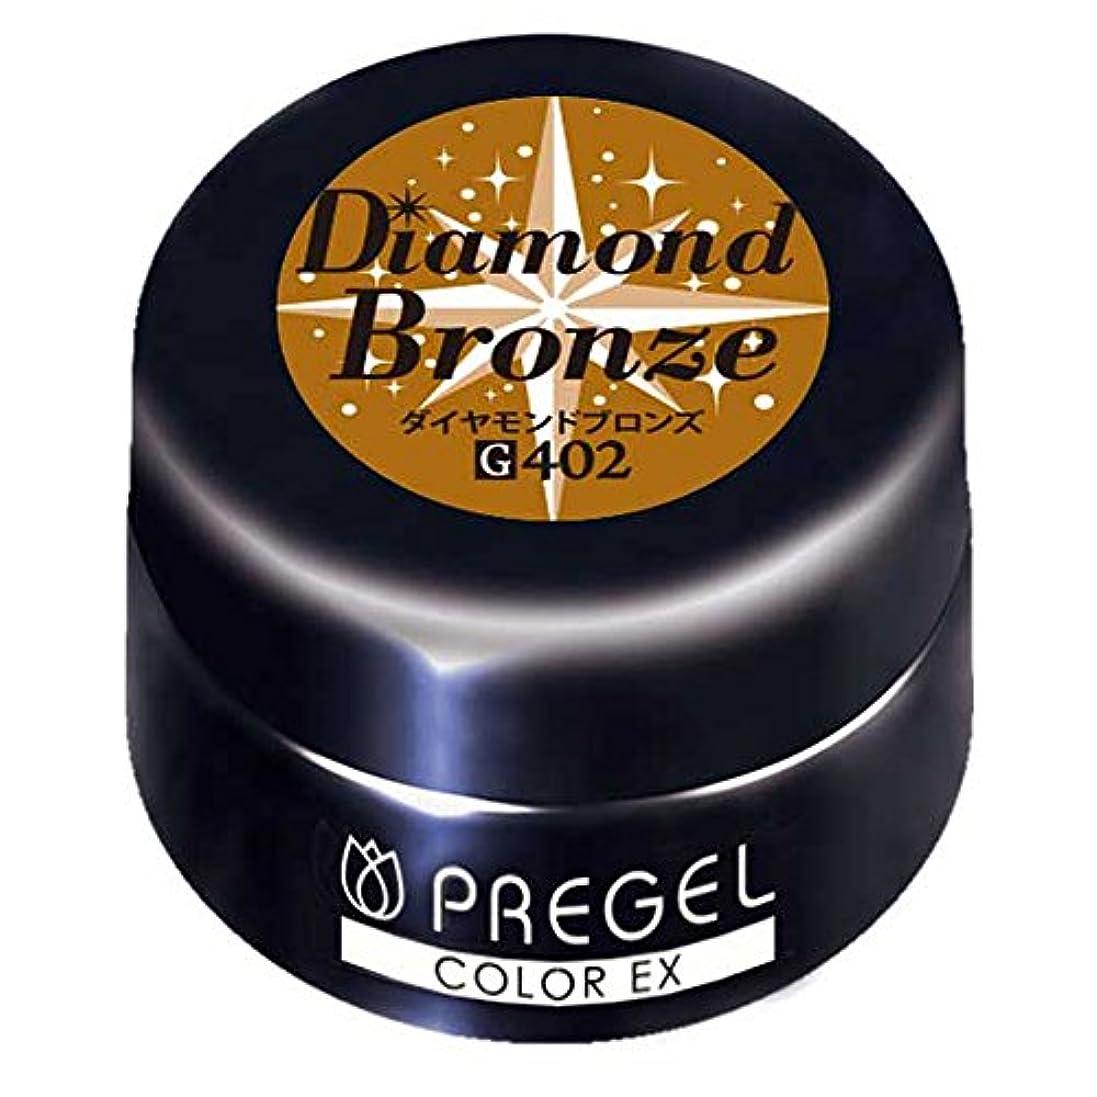 八抑圧者確実PRE GEL カラーEX ダイヤモンドブロンズCE402 UV/LED対応 カラージェル